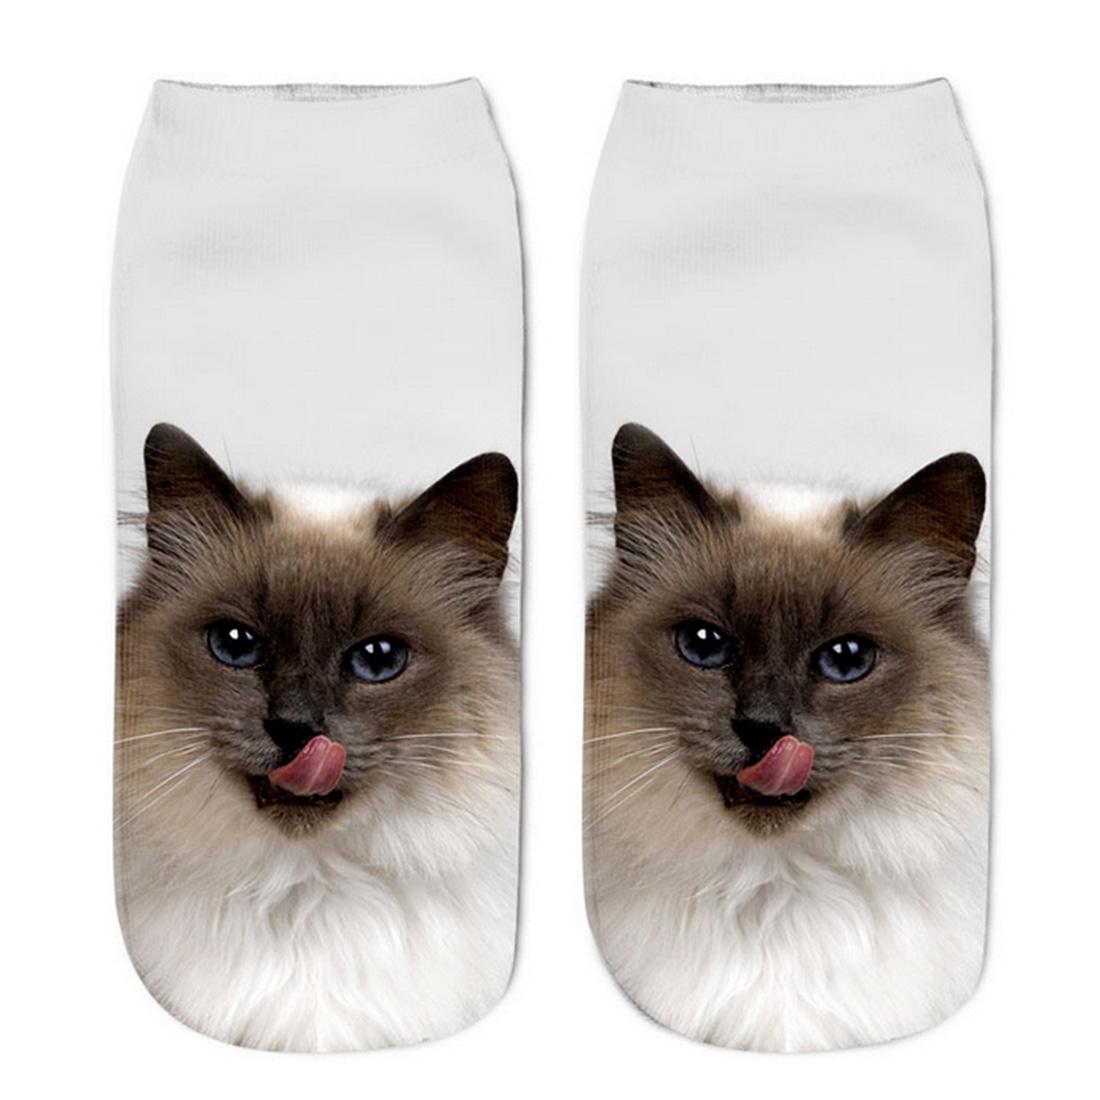 Popular Divertido Unisex Calcetines Lindos Calcetines Cortos Calcetines Para Mujer Tobillera Impresa 3D Para Perros Casual